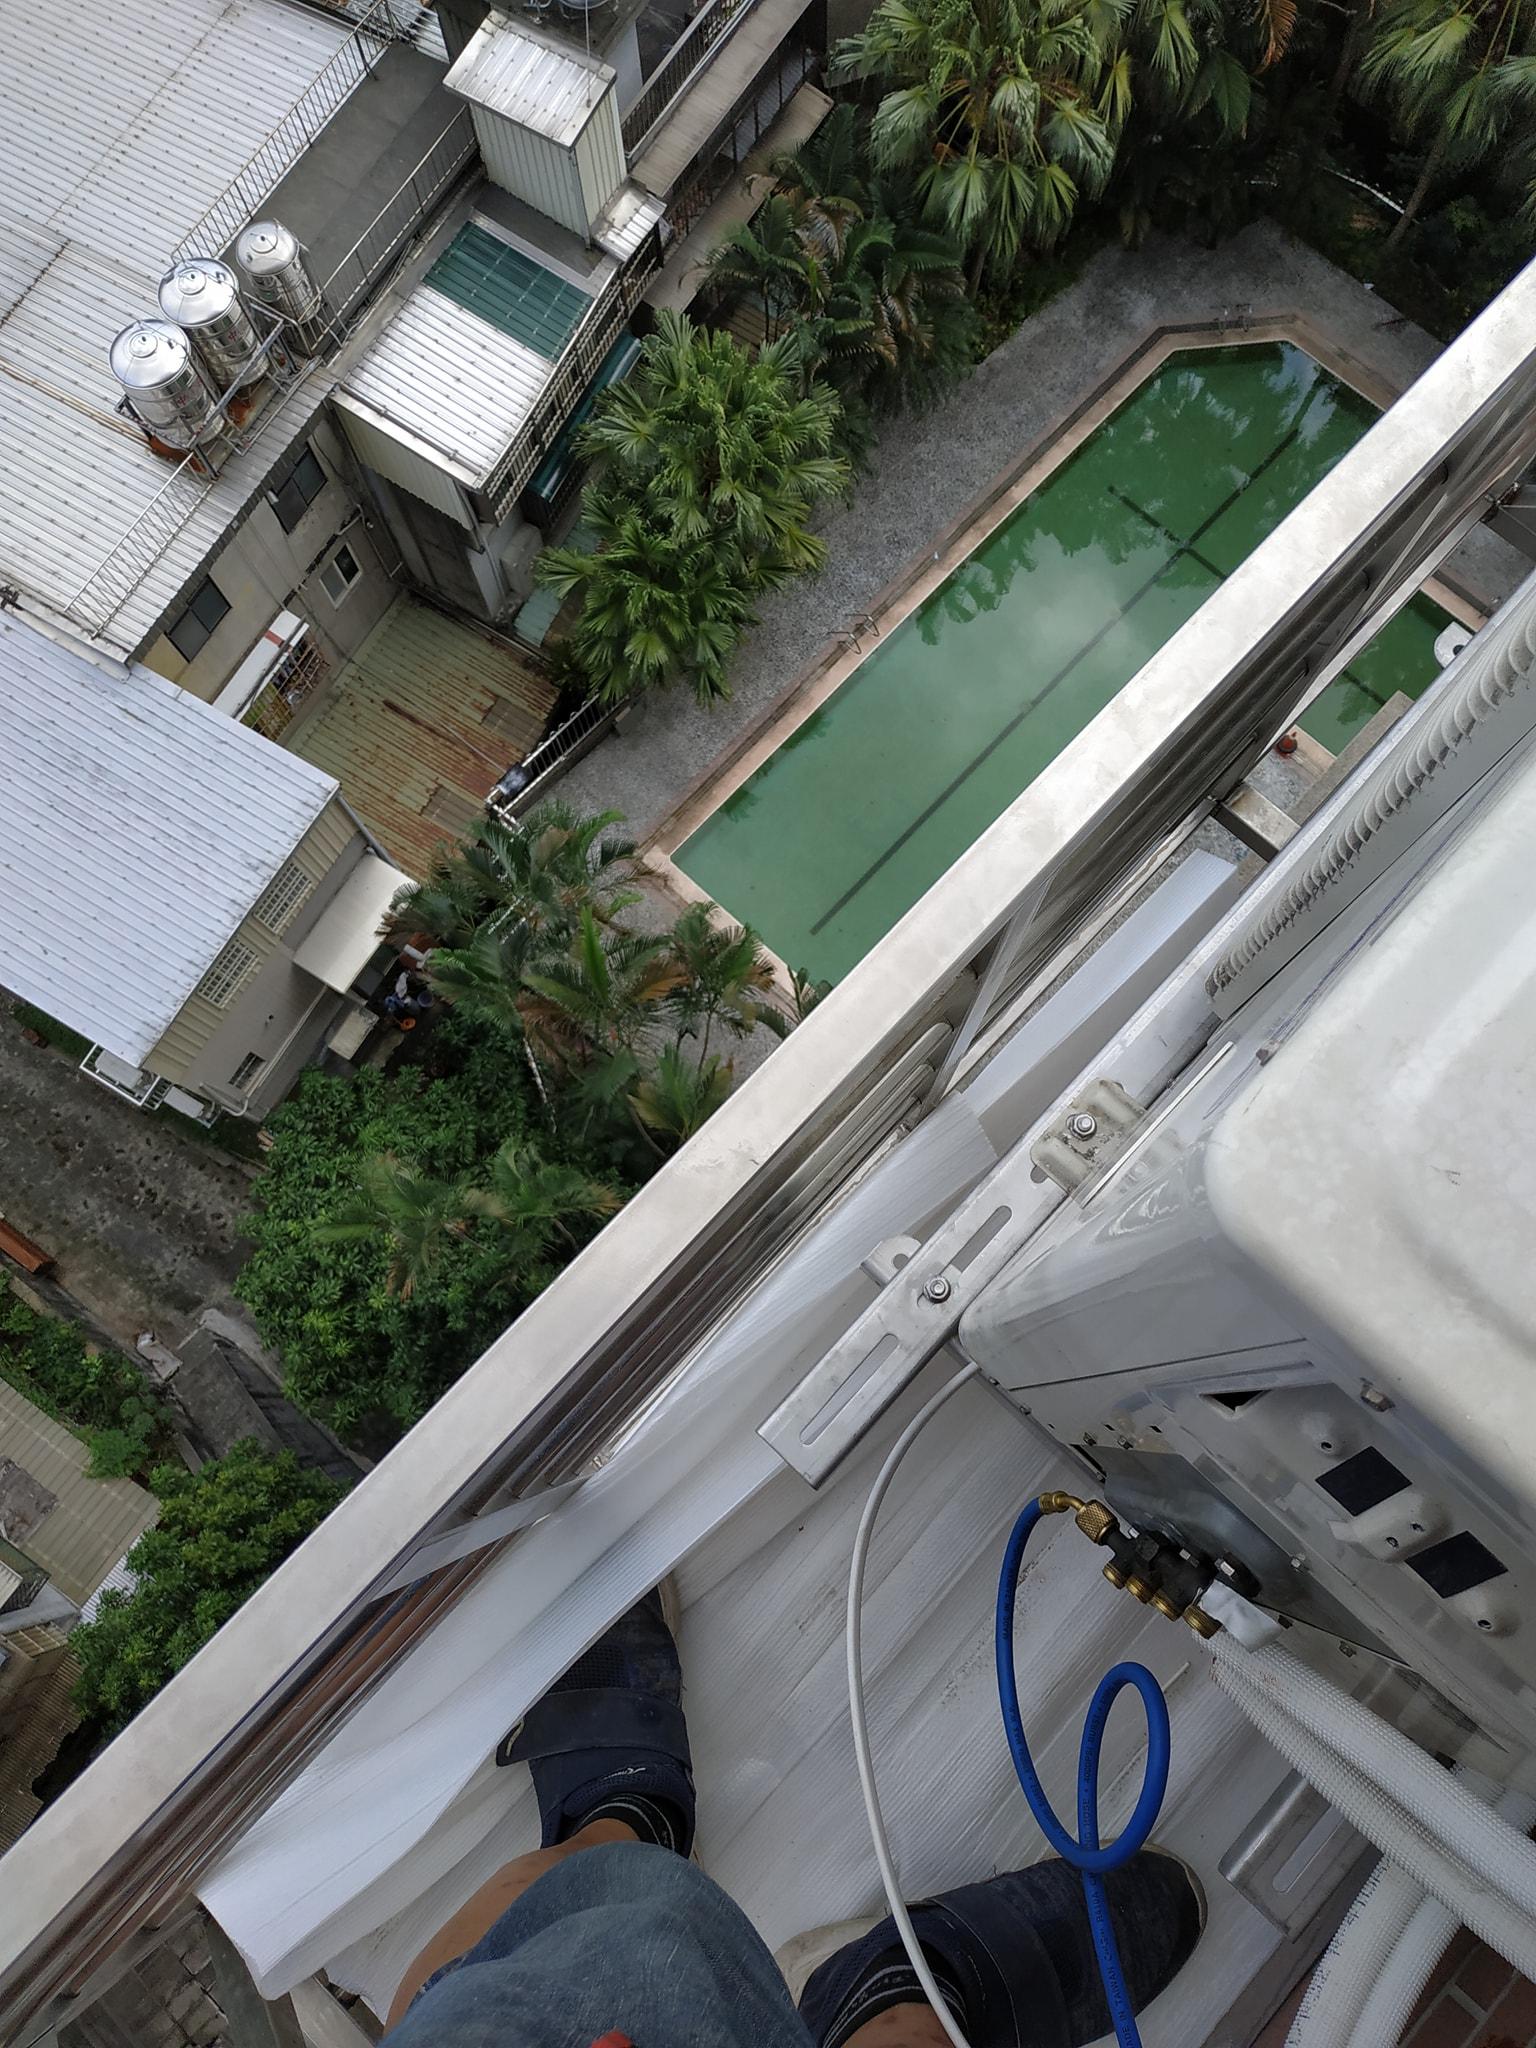 新北市淡水區冷氣安裝工程-裕申工程行,淡水裝冷氣,淡水冷氣保養,淡水修冷氣,淡水洗冷氣,淡水冷氣維修3